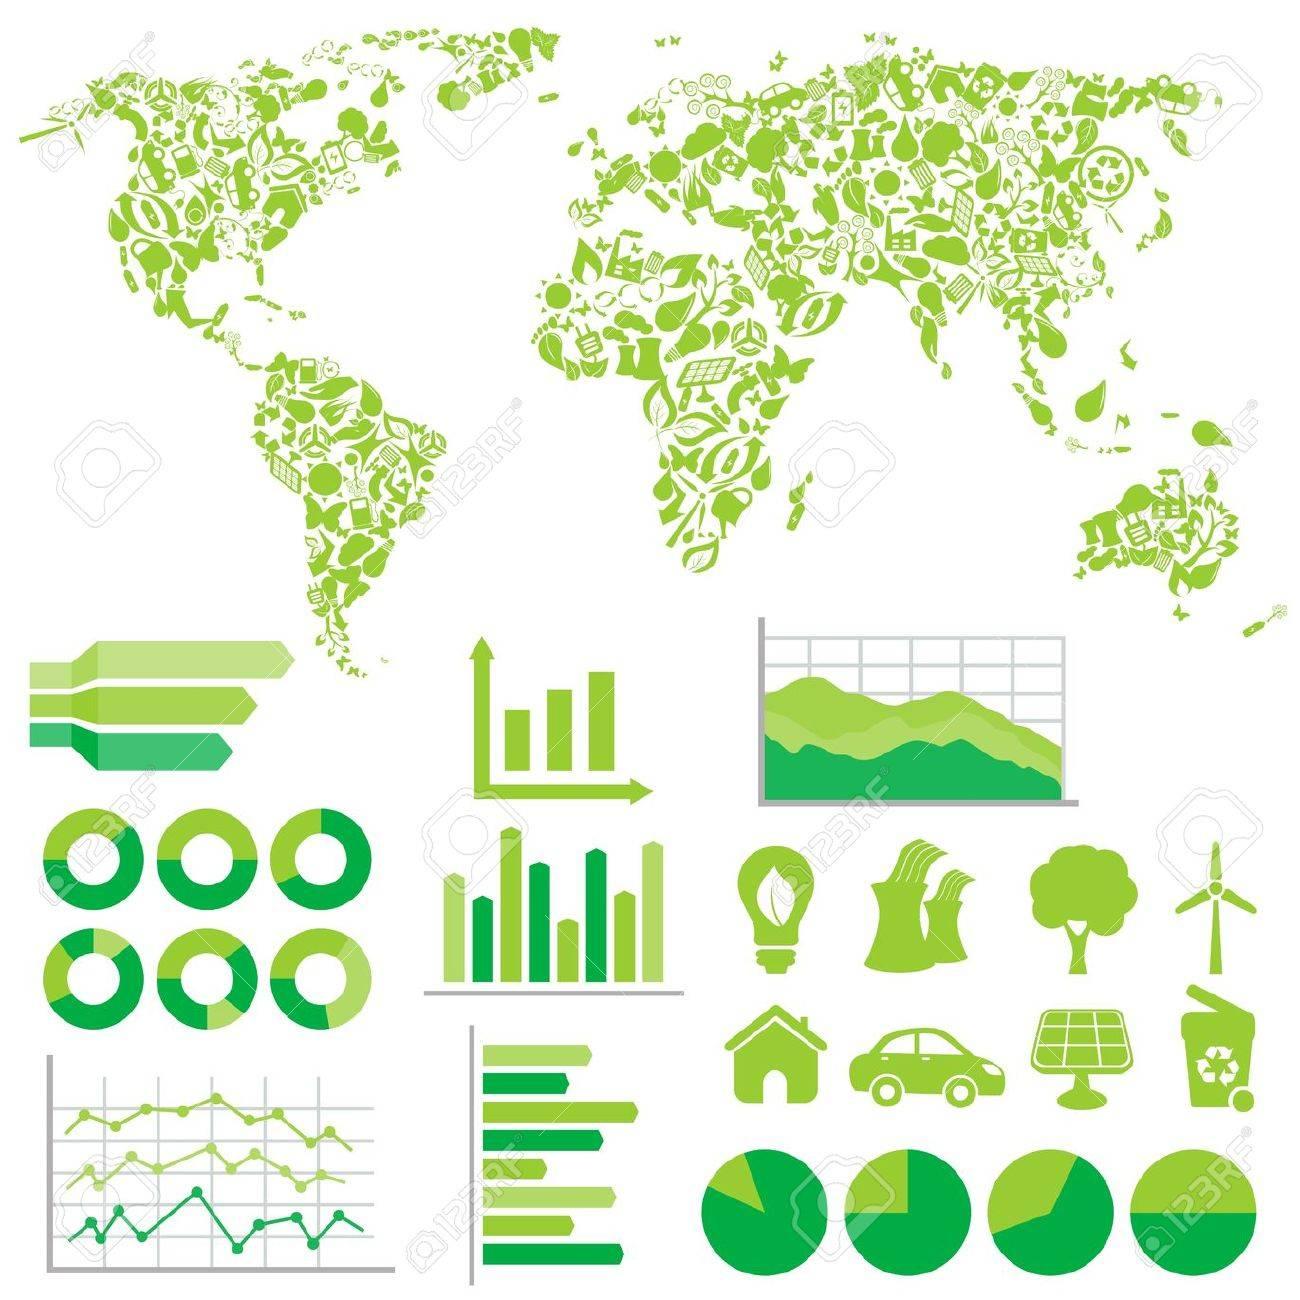 エコロジー、グリーン環境インフ...